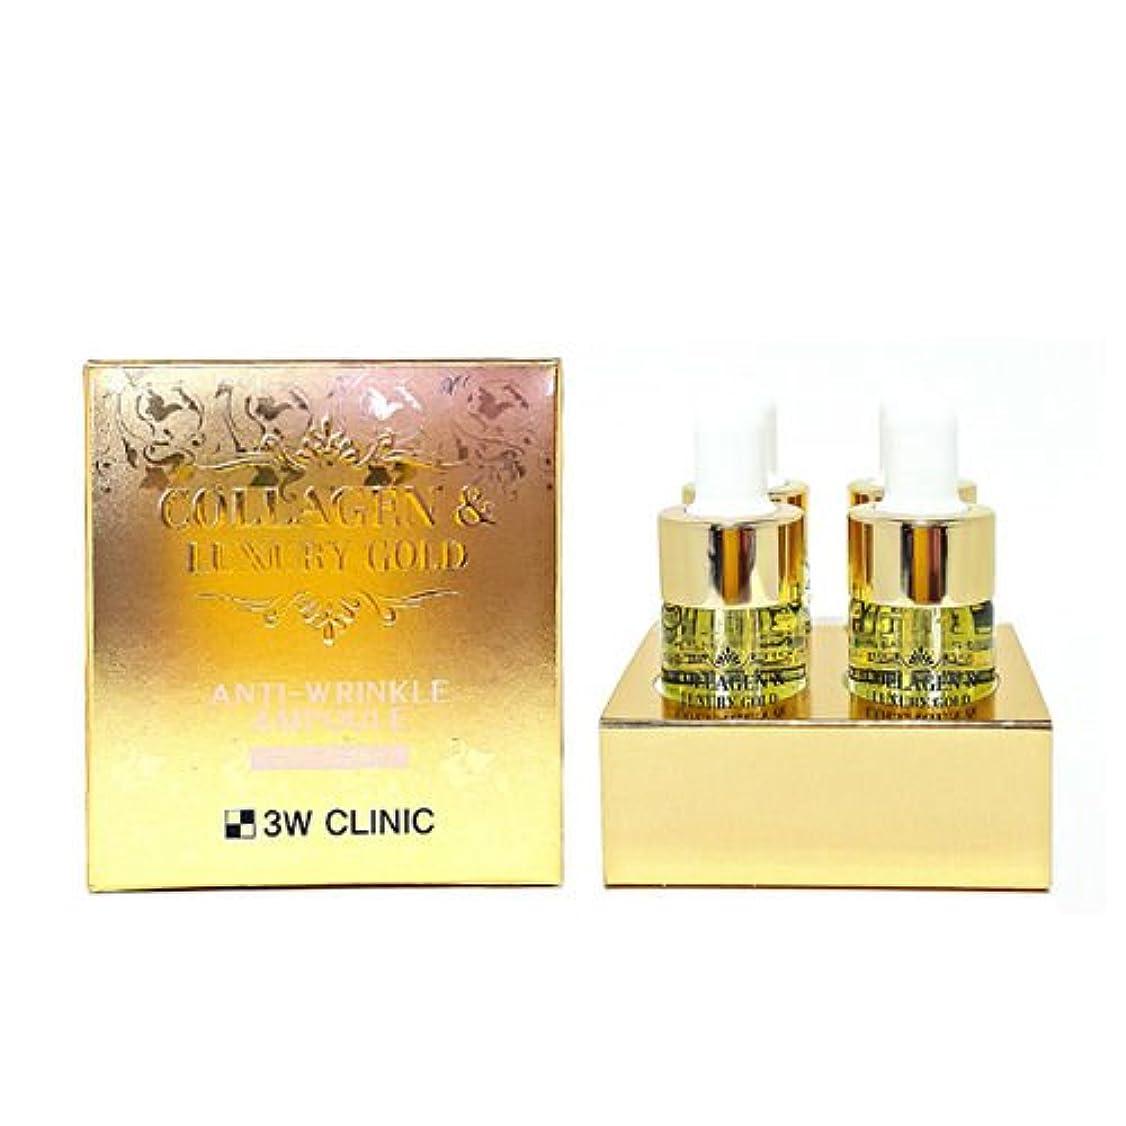 倫理的からアテンダント3Wクリニック[韓国コスメ3w Clinic]Collagen & Luxury Gold Anti-Wrinkle Ampoule コラーゲンラグジュアリーゴールド アンチリンクルアンプル13mlX4個[並行輸入品]